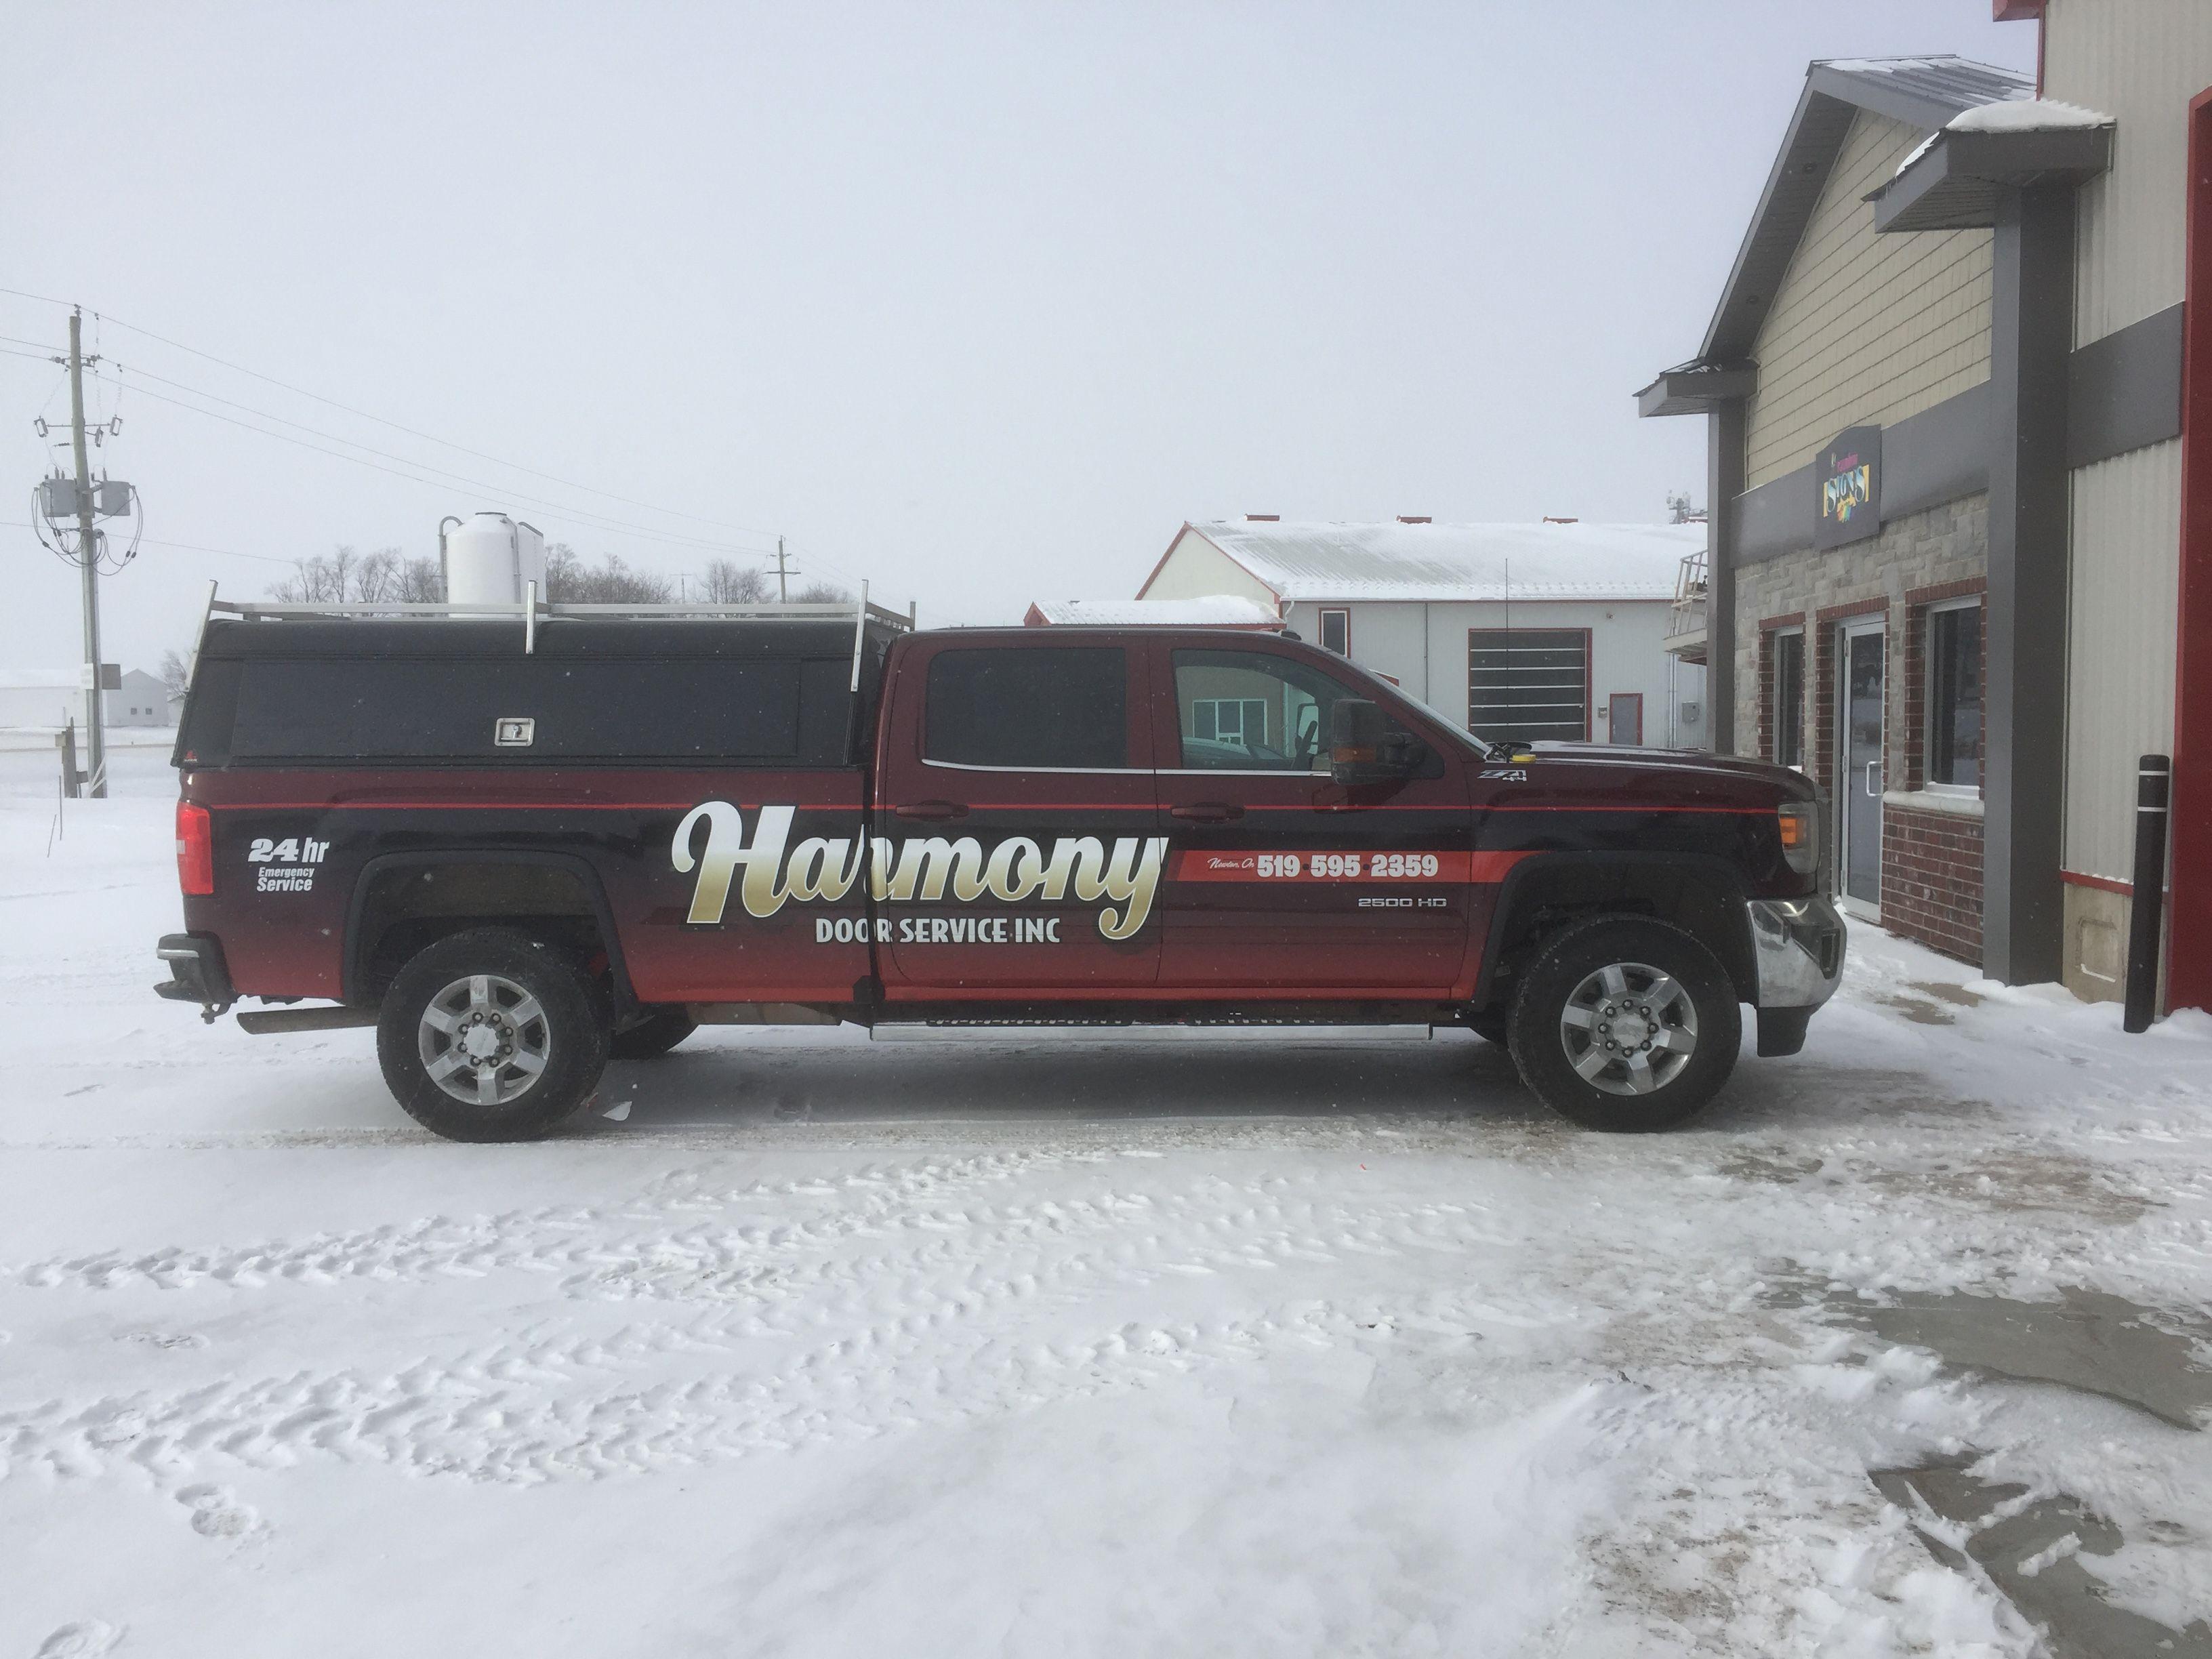 Pin by Harmony Door Service Inc. on Harmony Door Service